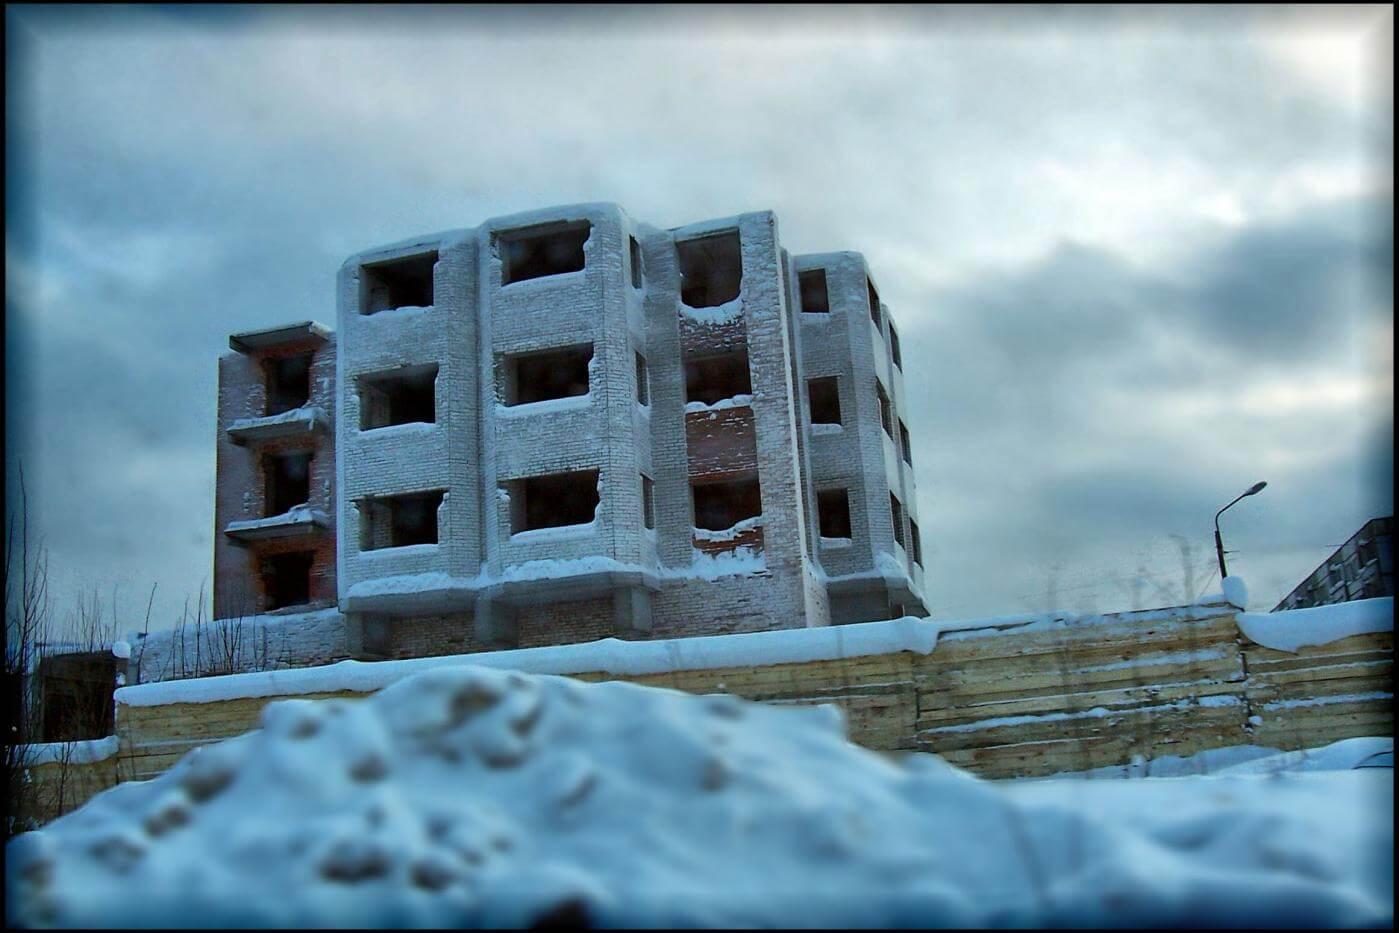 строительство в ленинградской области хотят заморозить